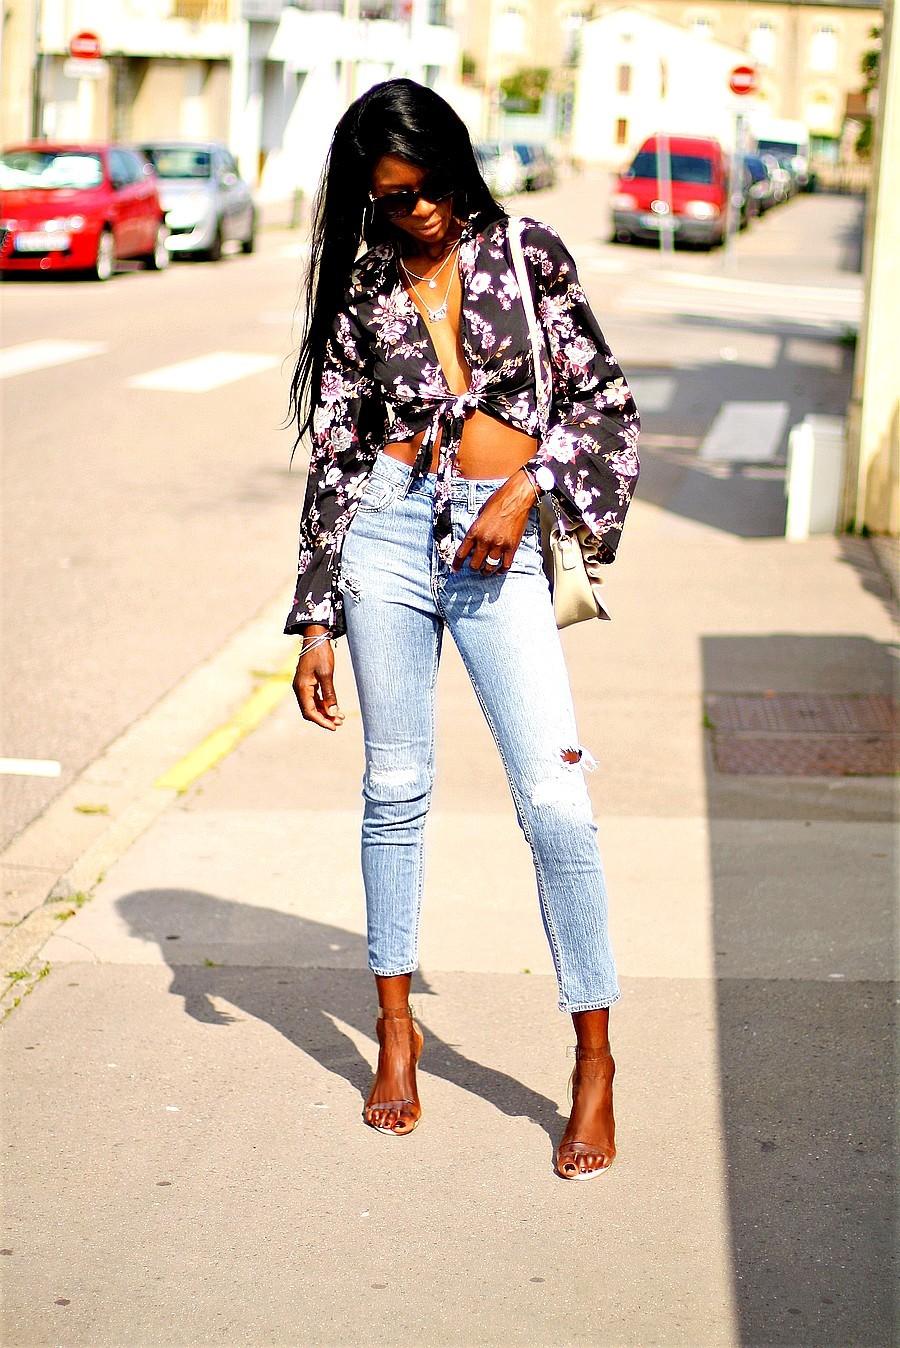 blouse-imprime-floral-crop-top-nouer-mom-jeans-sandales-transparentes